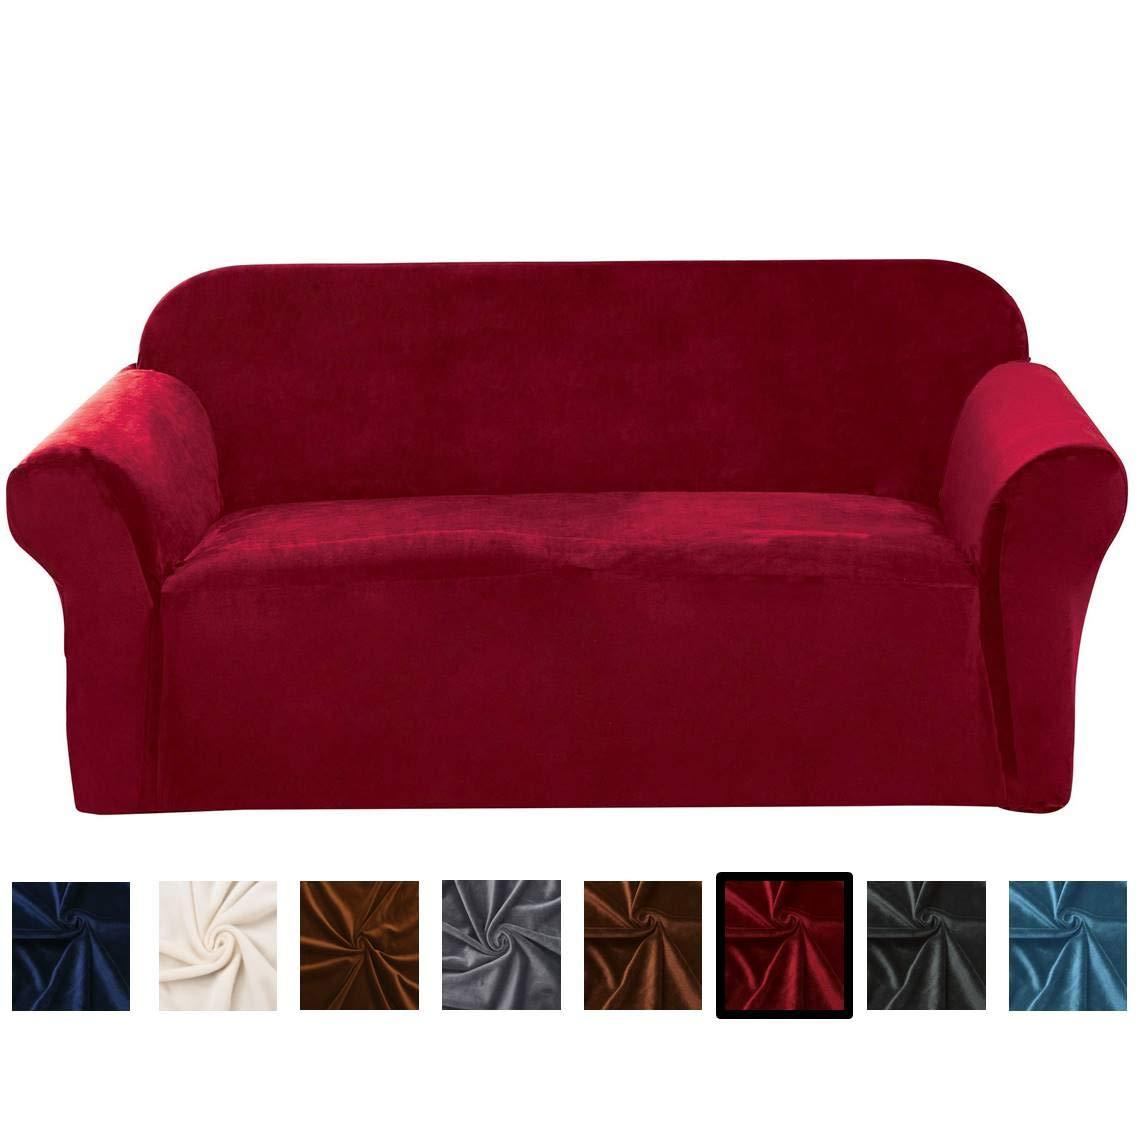 Argstar Velvet Plush Loveseat Furniture Cover, Sofa Slipcover,Love seat  Covers for Living Room, Wine Red